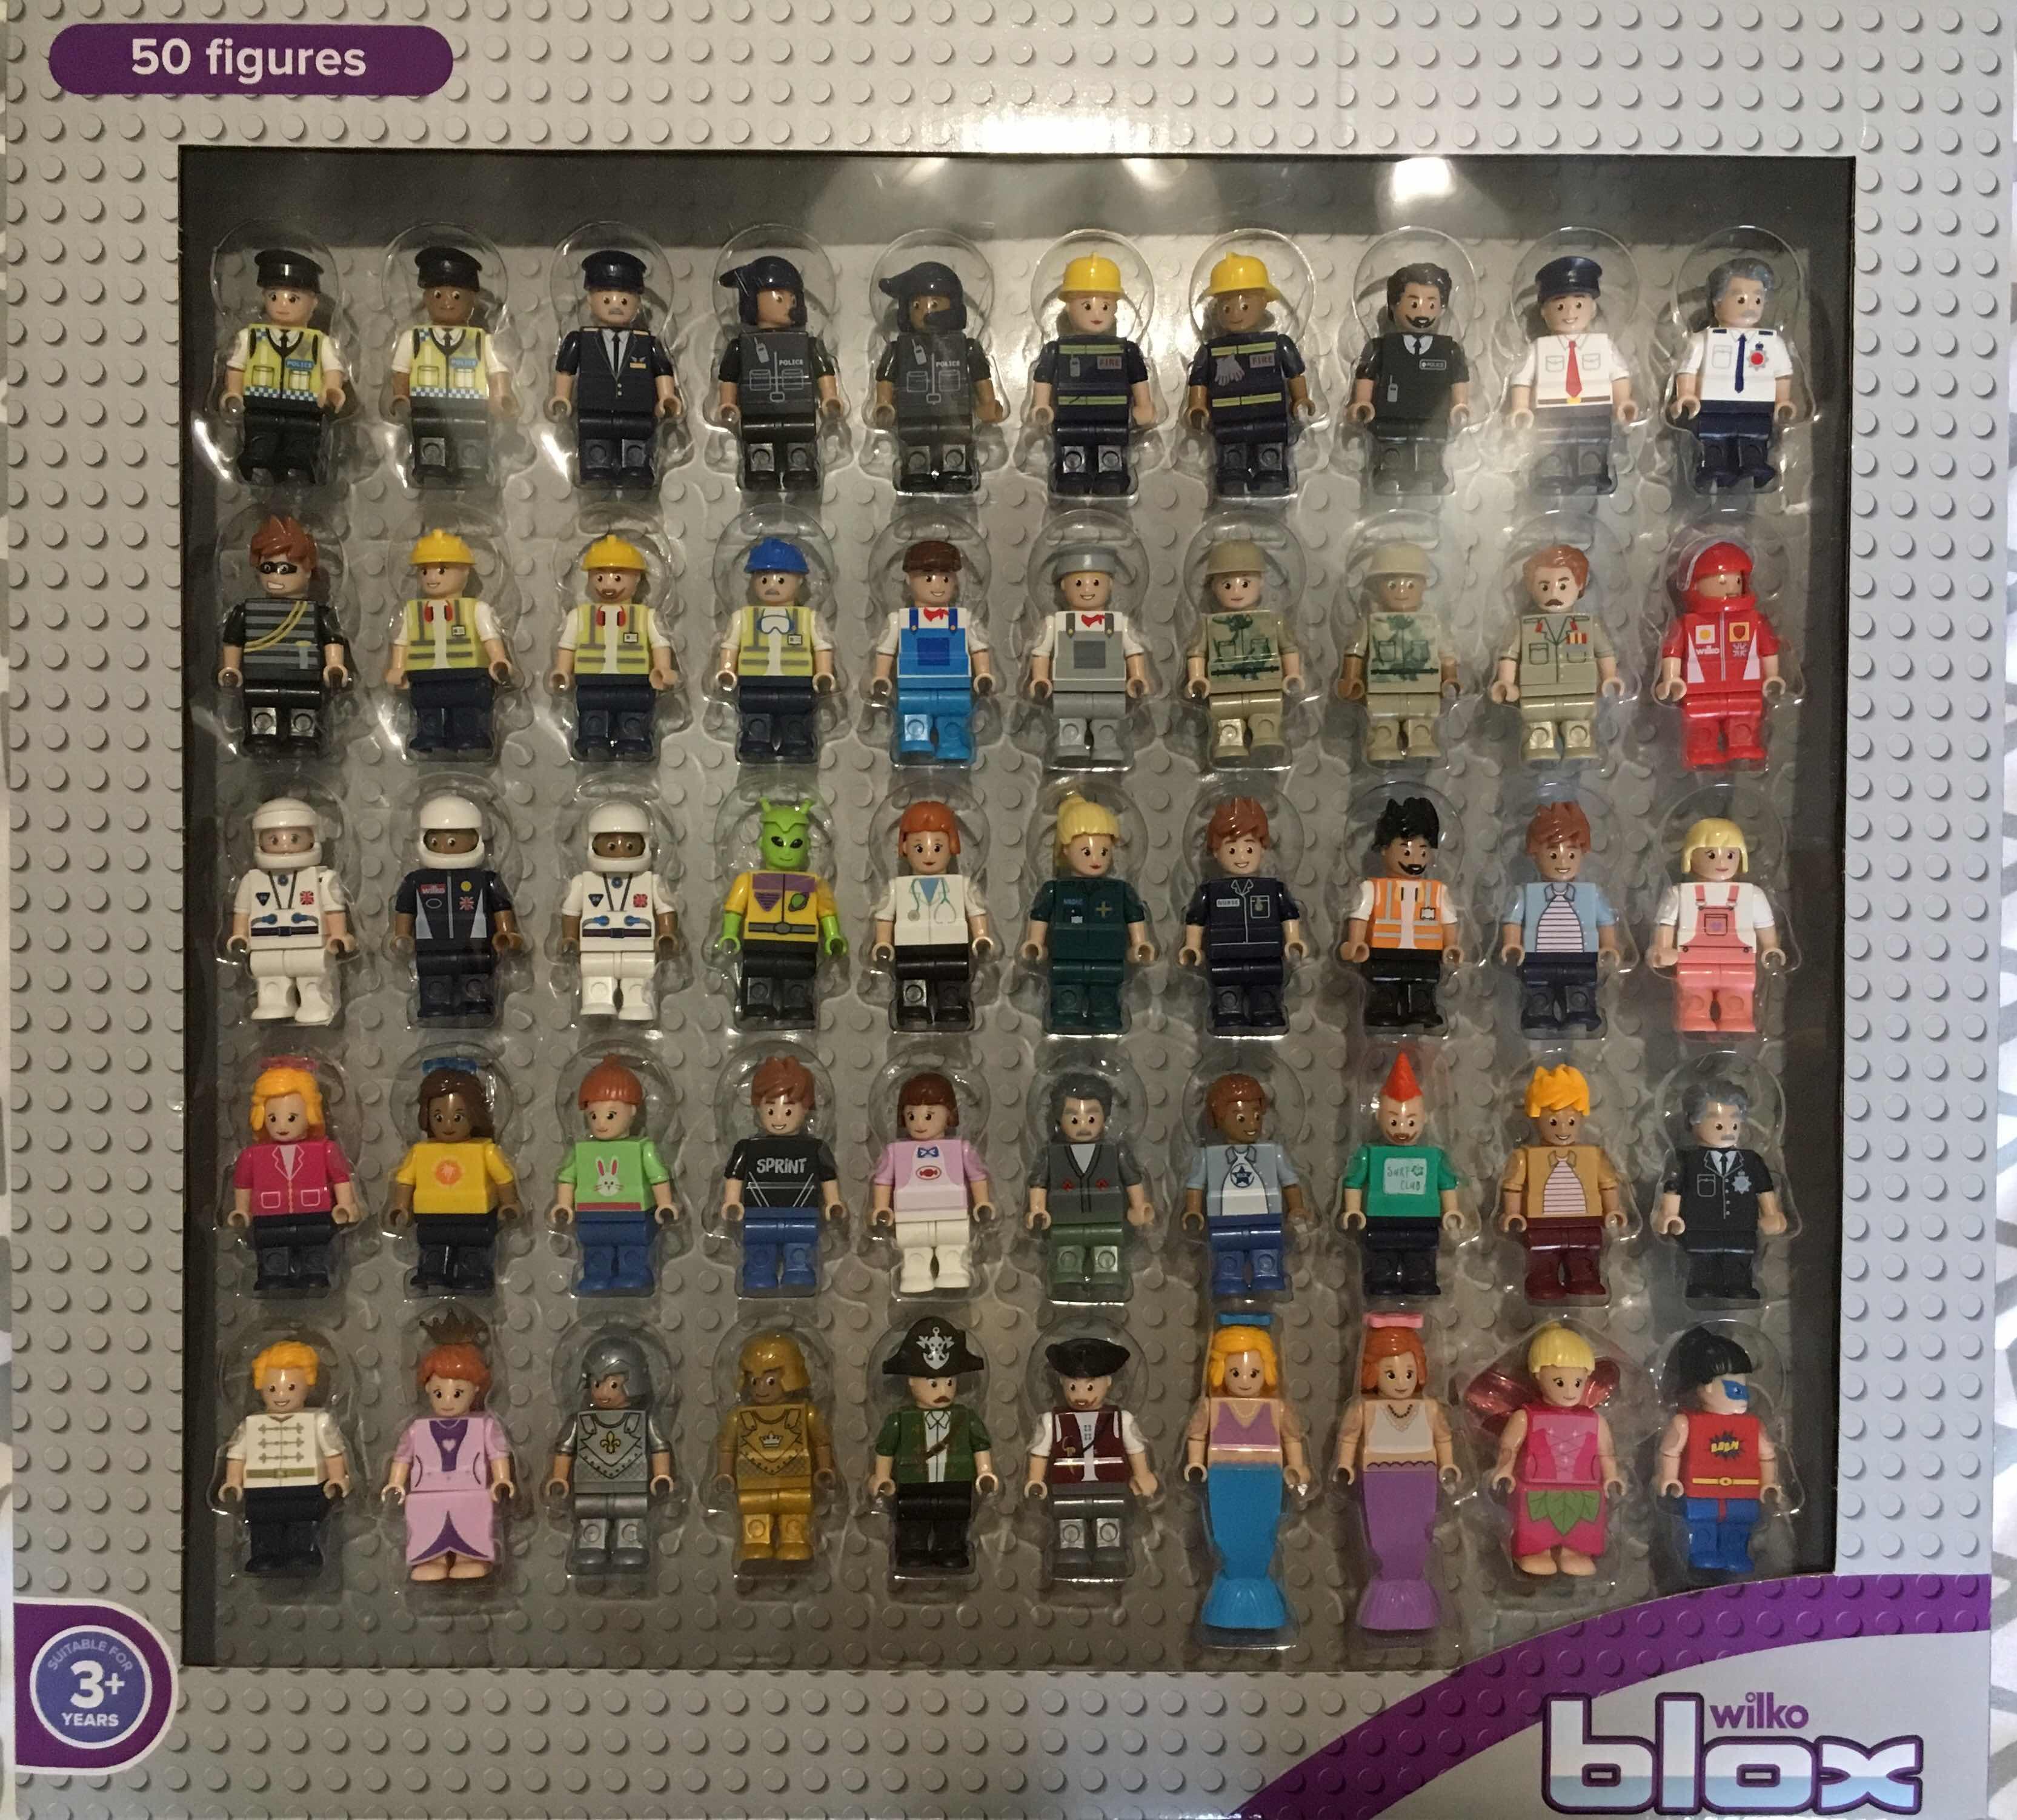 Blox Wilkinson's 50 figures